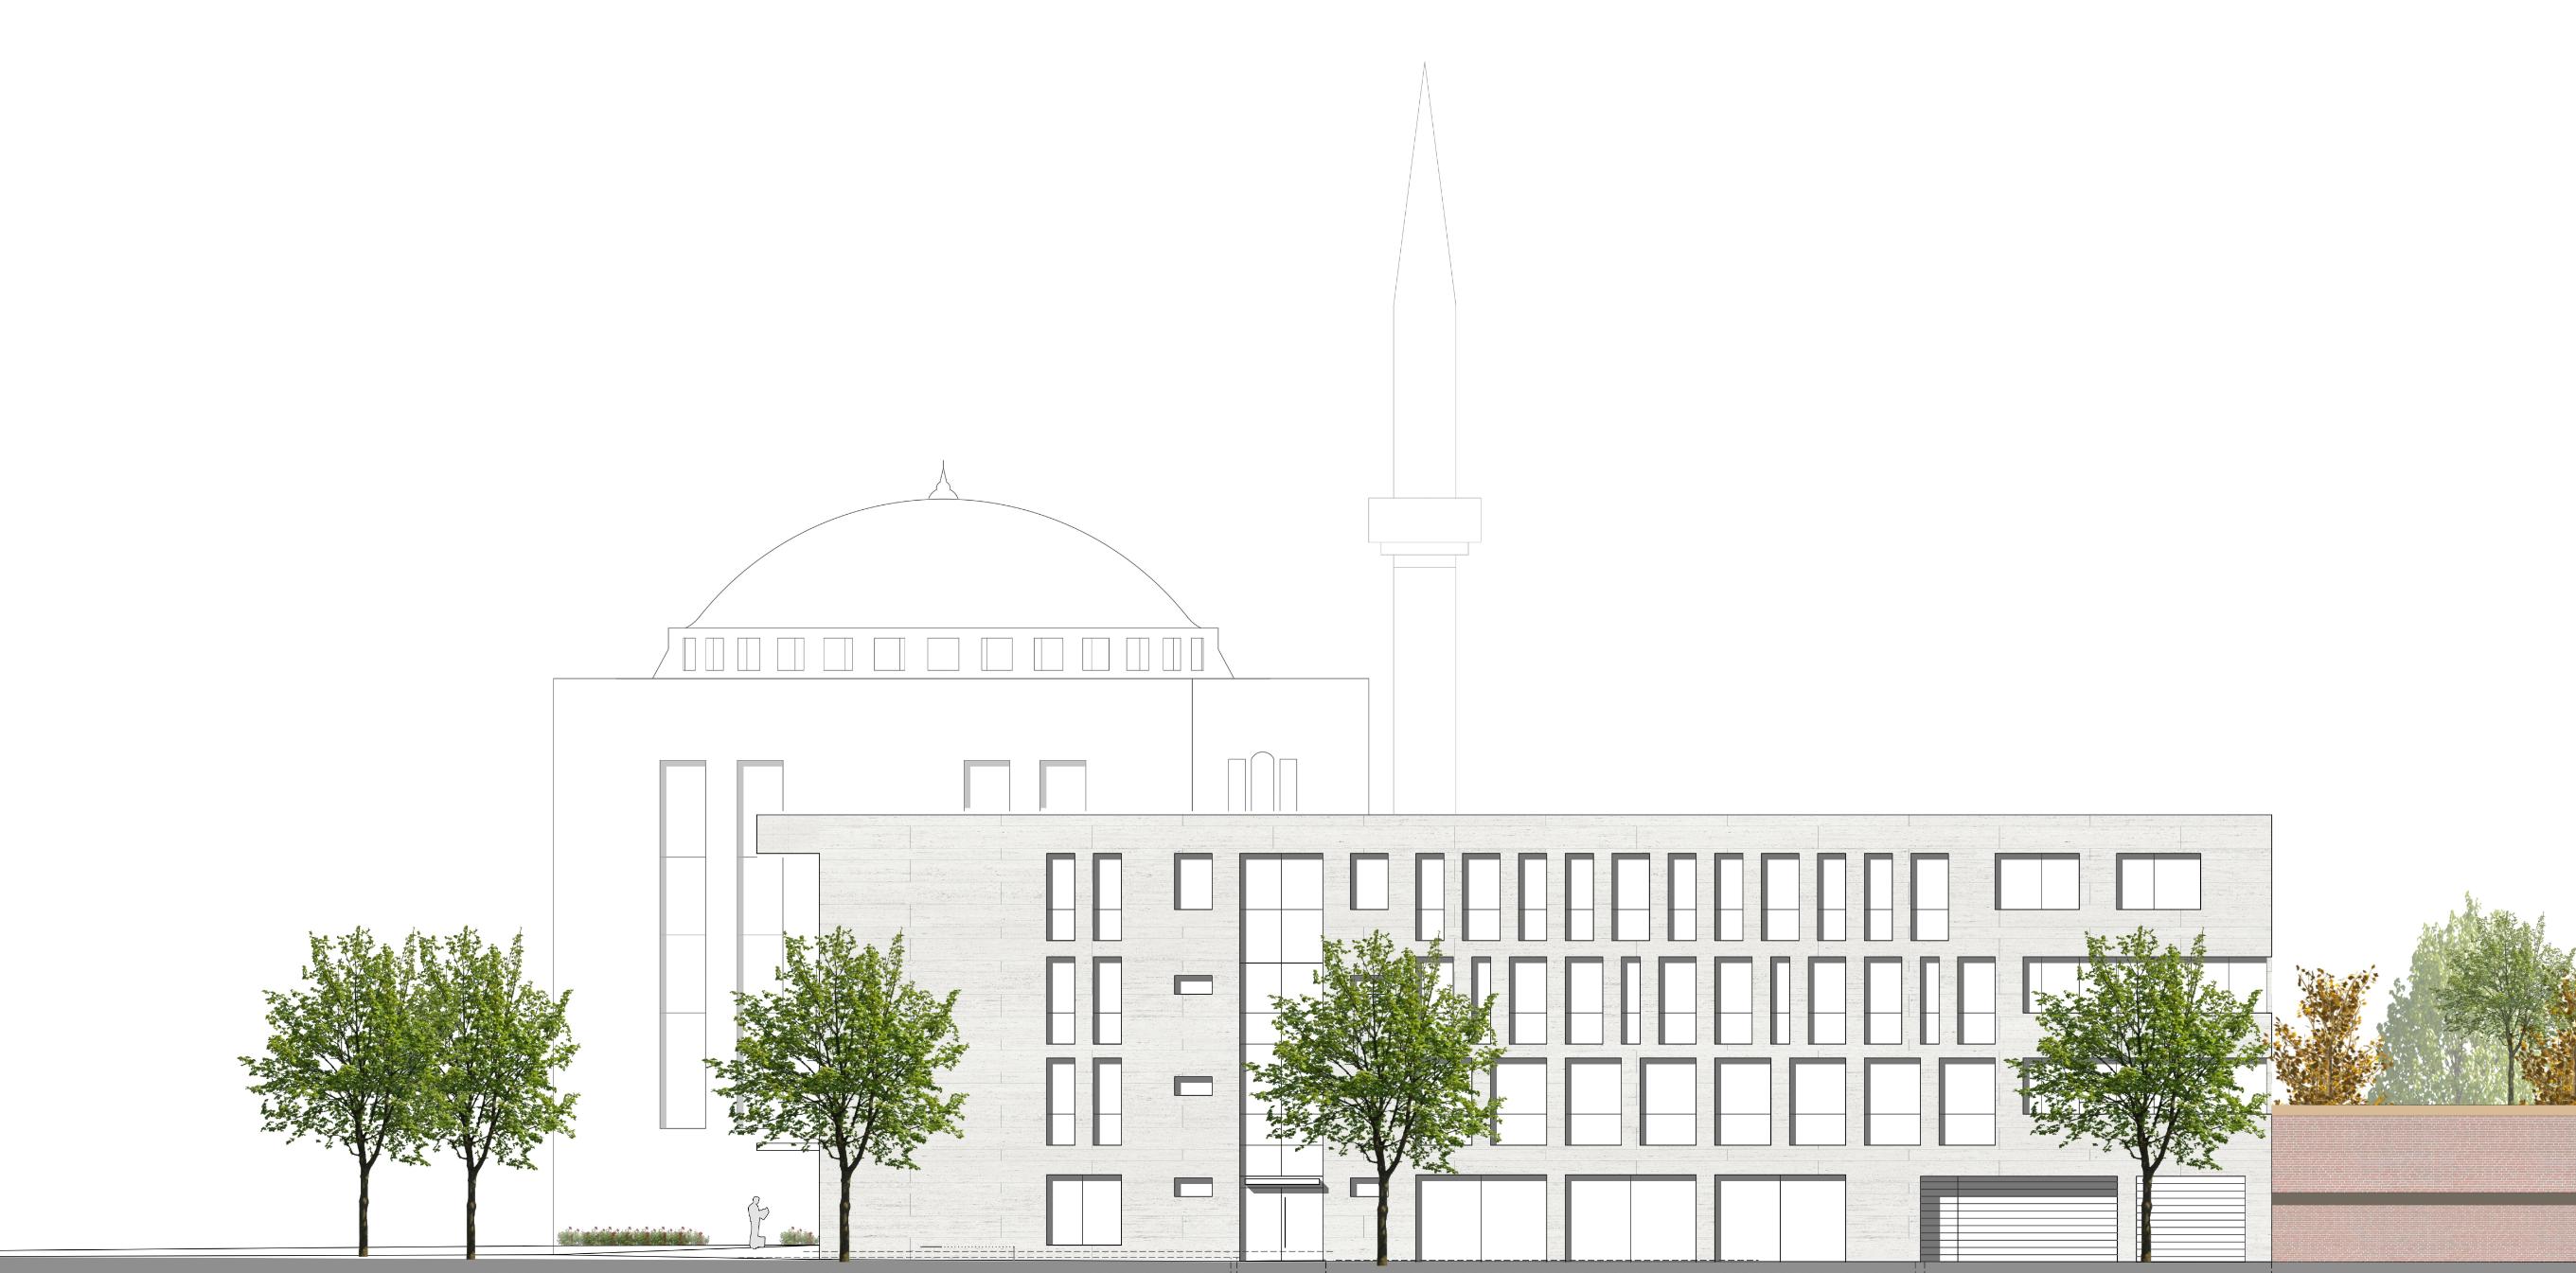 Ansicht der Neuen Moschee aus Perspektive der Gladbacher Straße